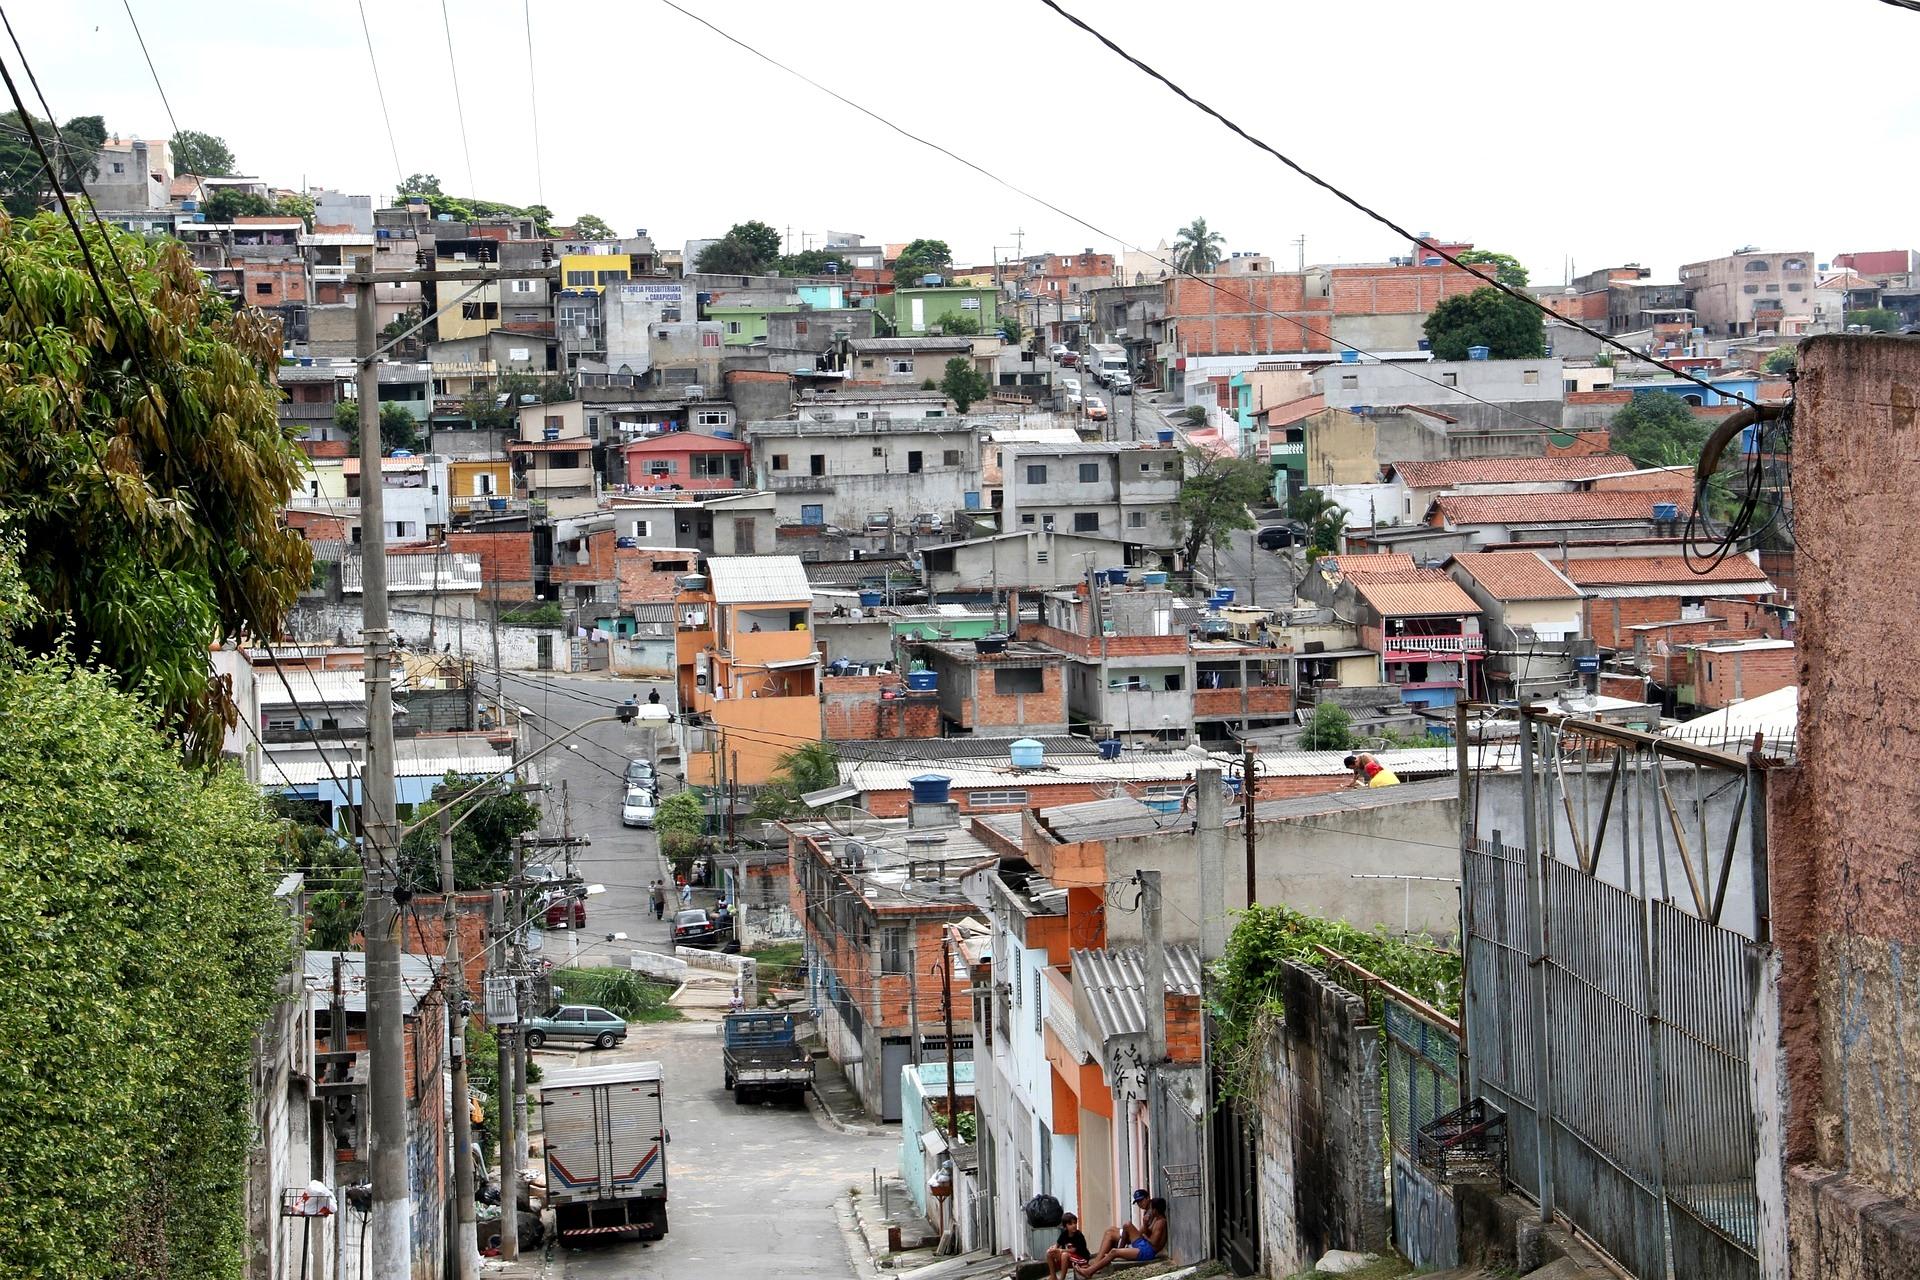 Ciudades resilientes: el reto de las próximas décadas